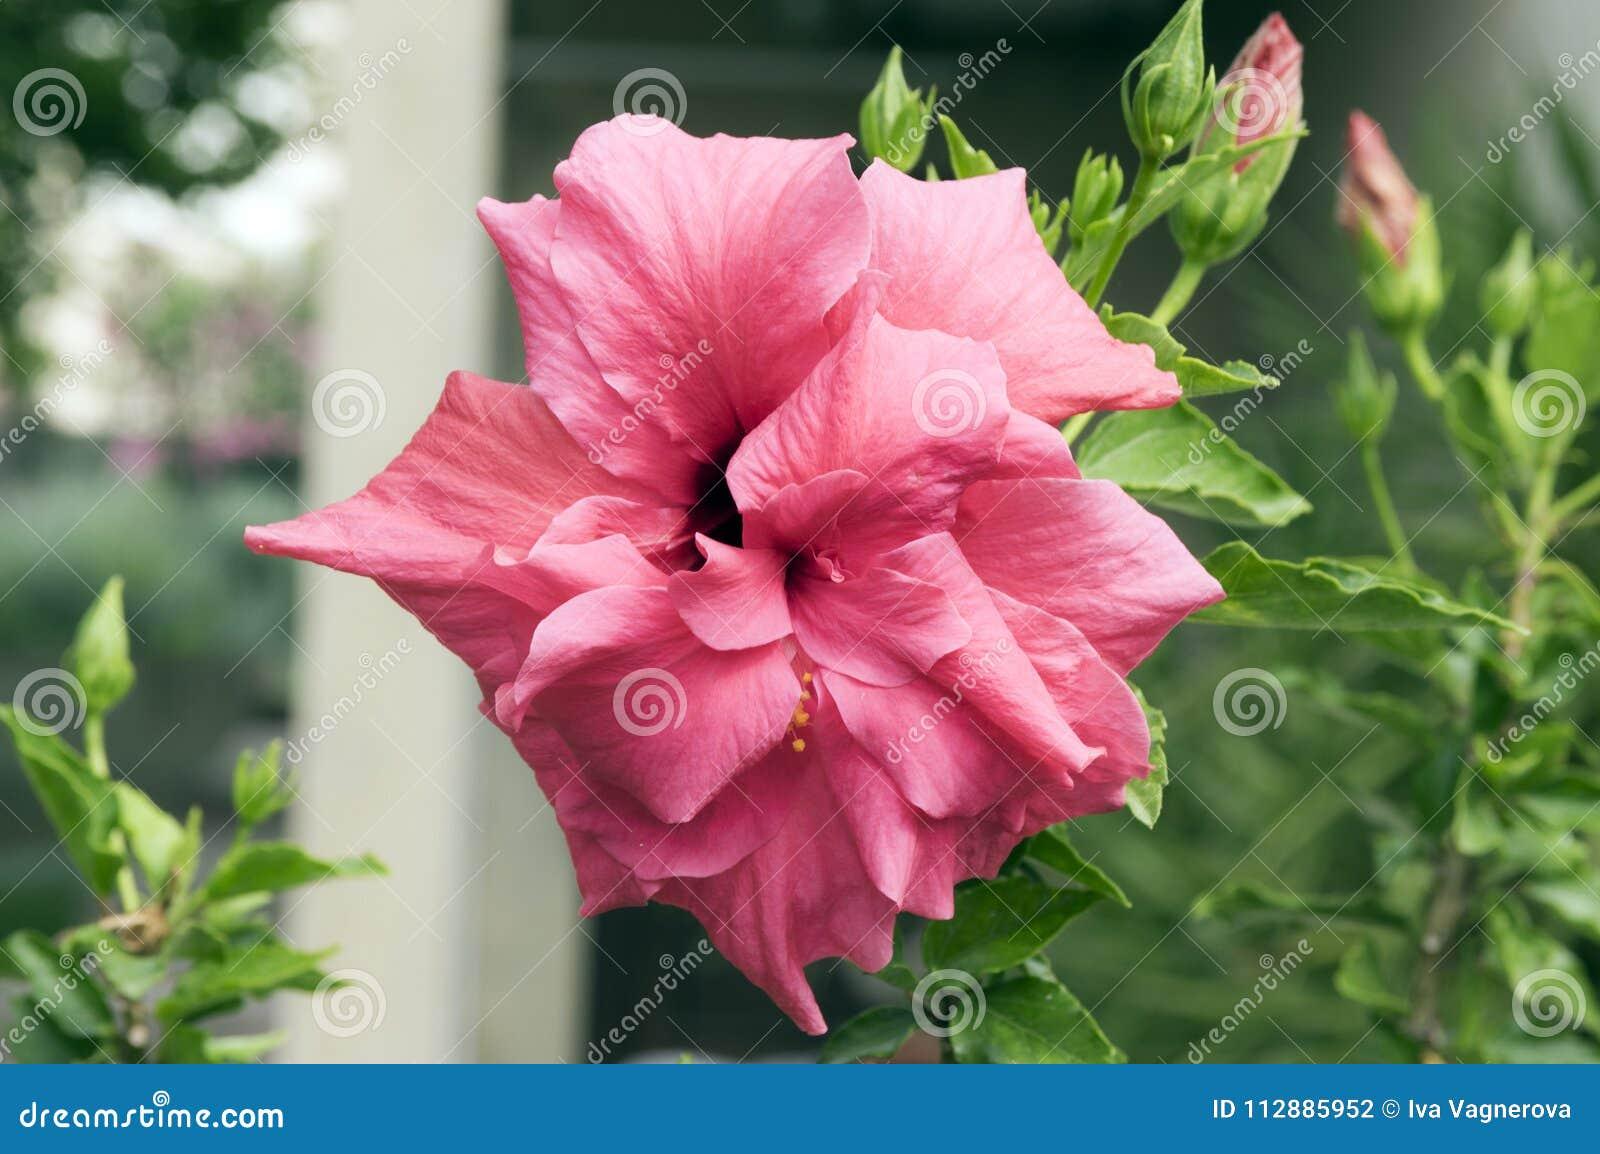 Hibiscus rosa sinensis chinese hibiscus flowering shrub with buds hibiscus rosa sinensis chinese hibiscus flowering shrub with buds izmirmasajfo